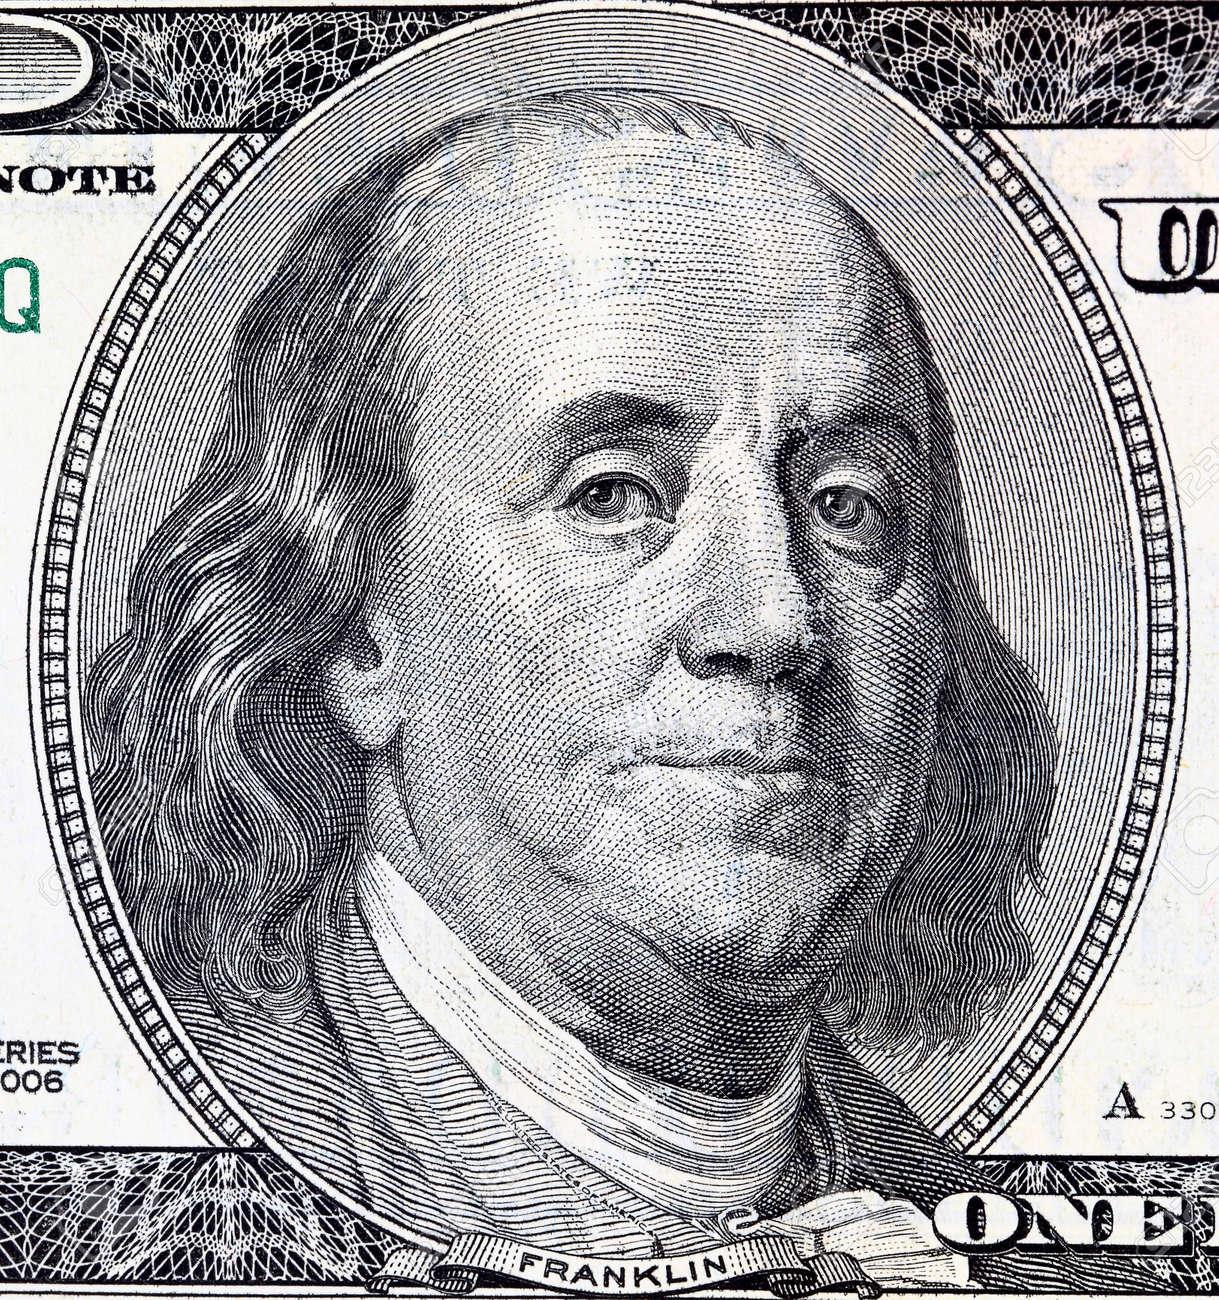 Porträt Von Franklin Vor Dem Dollar-Schein Lizenzfreie Fotos, Bilder ...